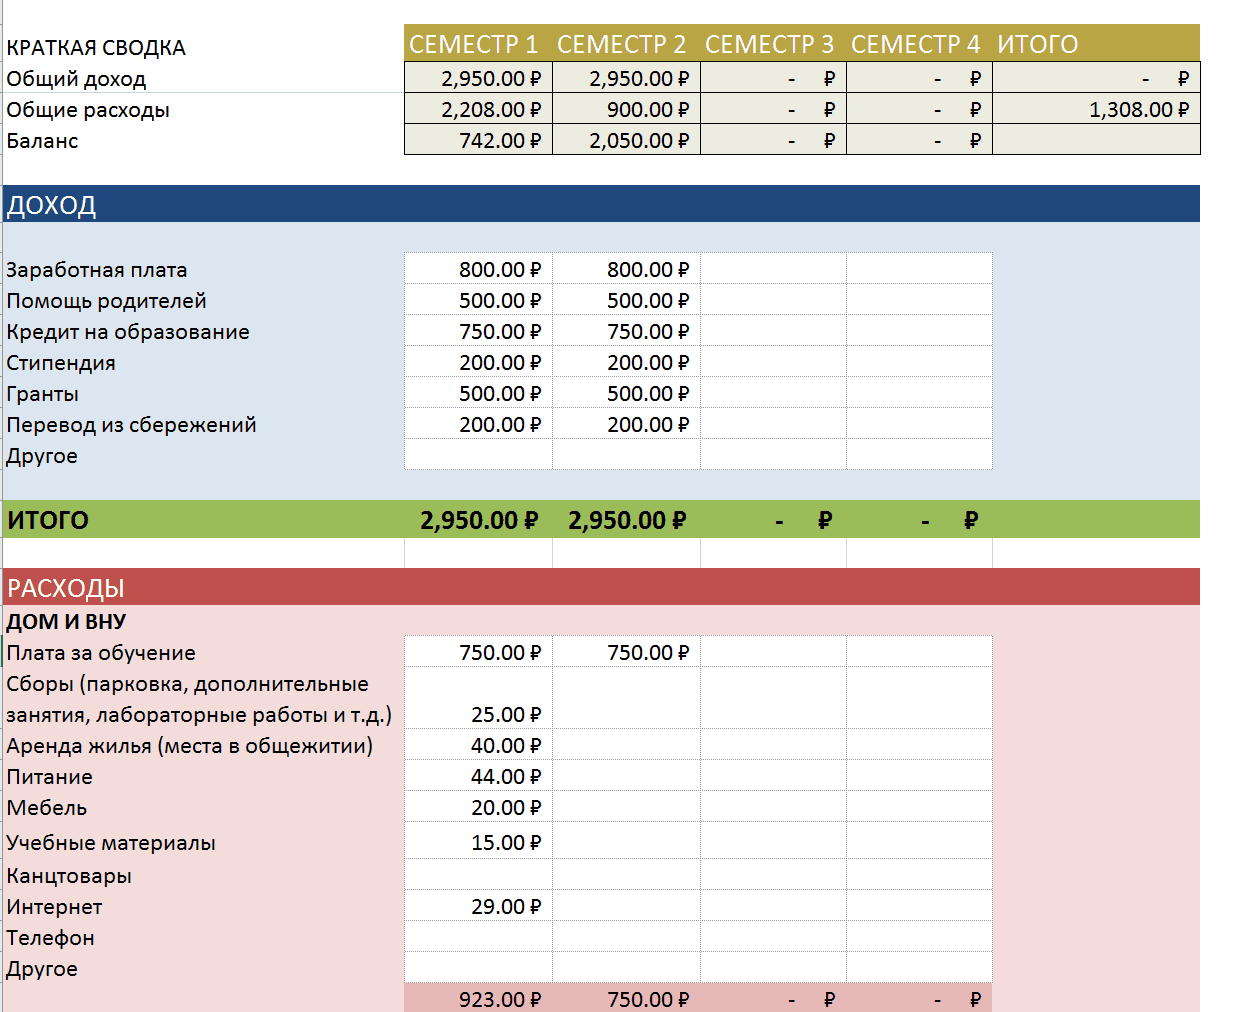 Домашняя бухгалтерия эксель как выглядит программа 1с бухгалтерия